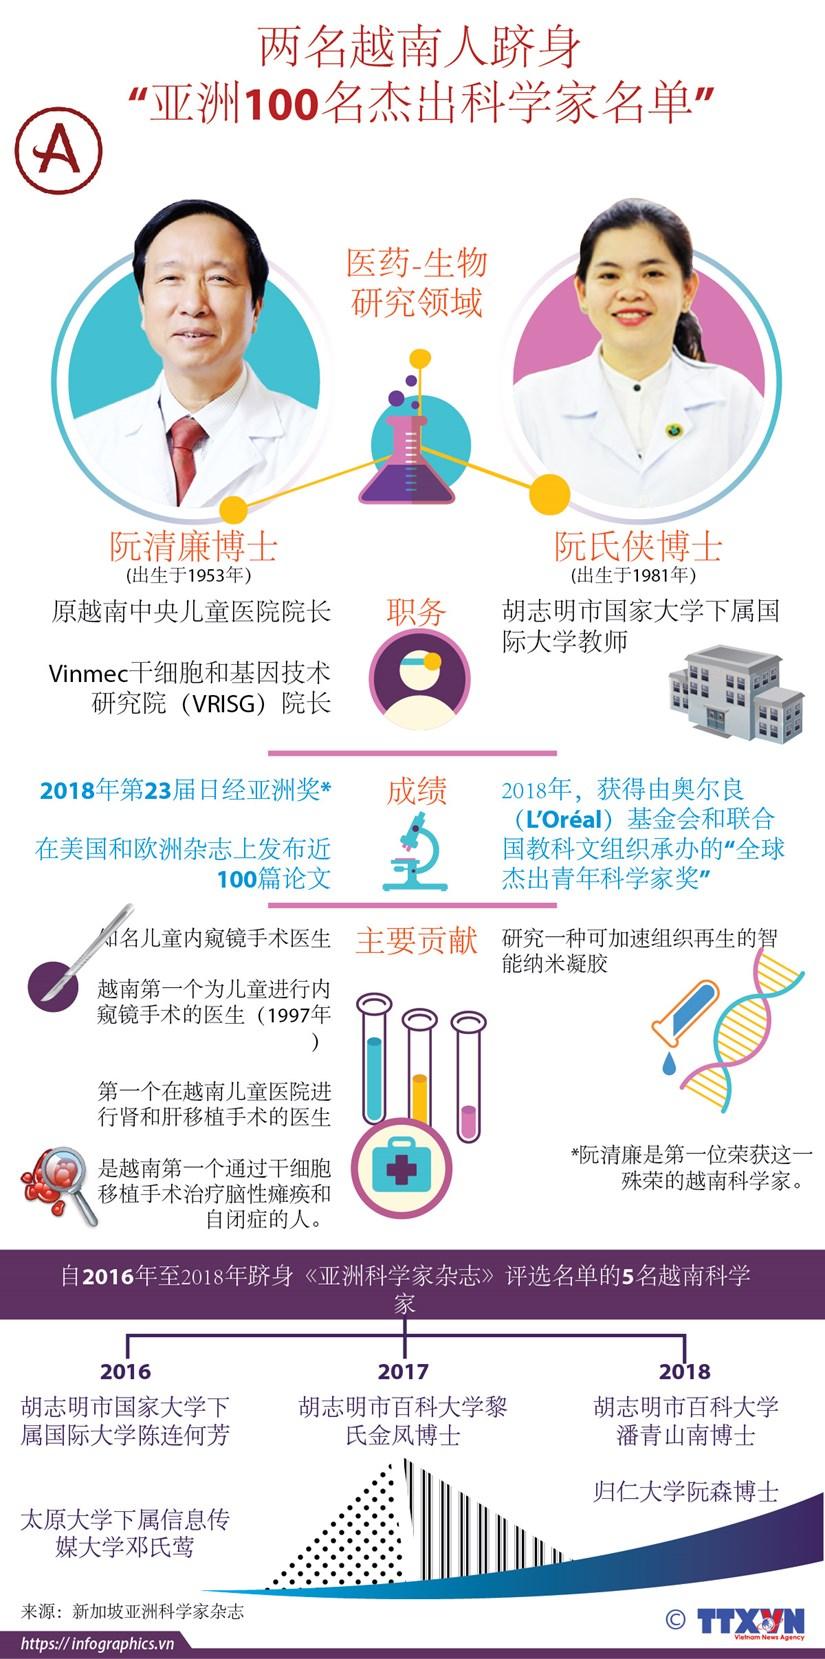 """图表新闻:两名越南人跻身 """"亚洲100名杰出科学家名单"""" hinh anh 1"""